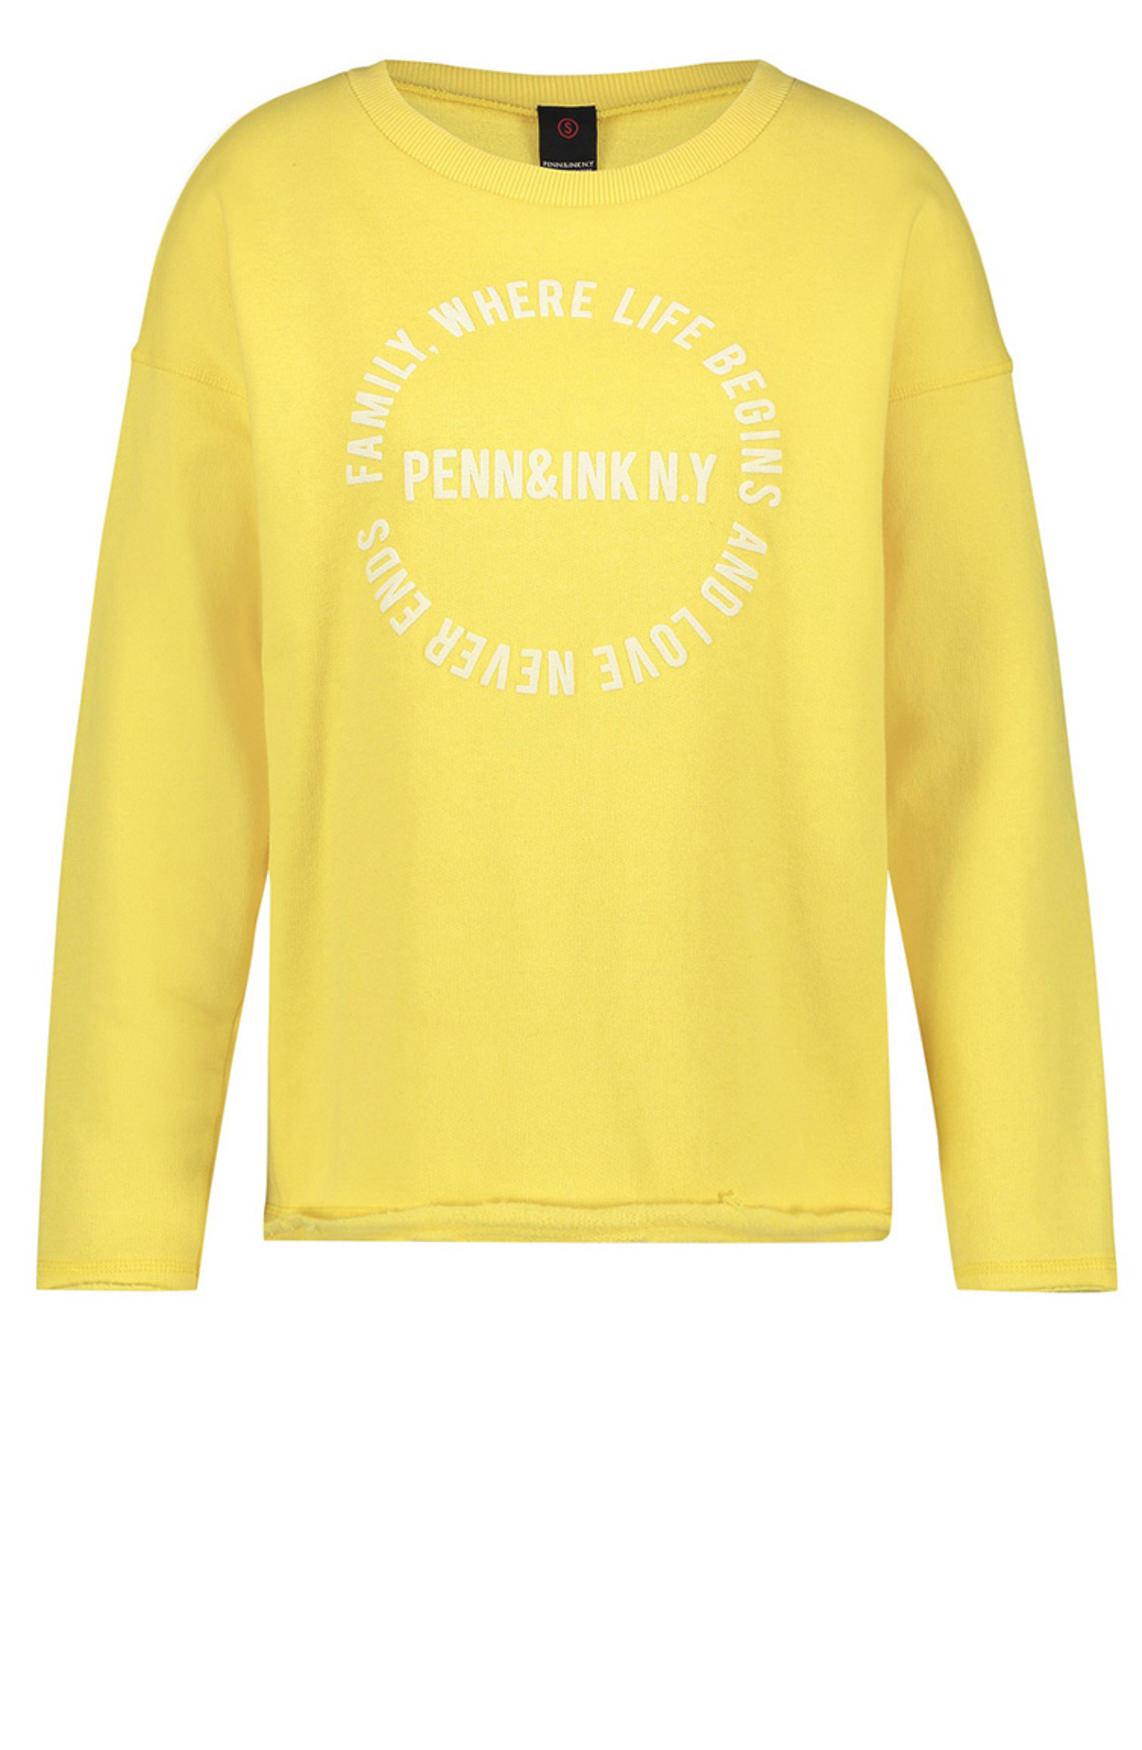 Penn & Ink Dames Pullover met tekstprint geel